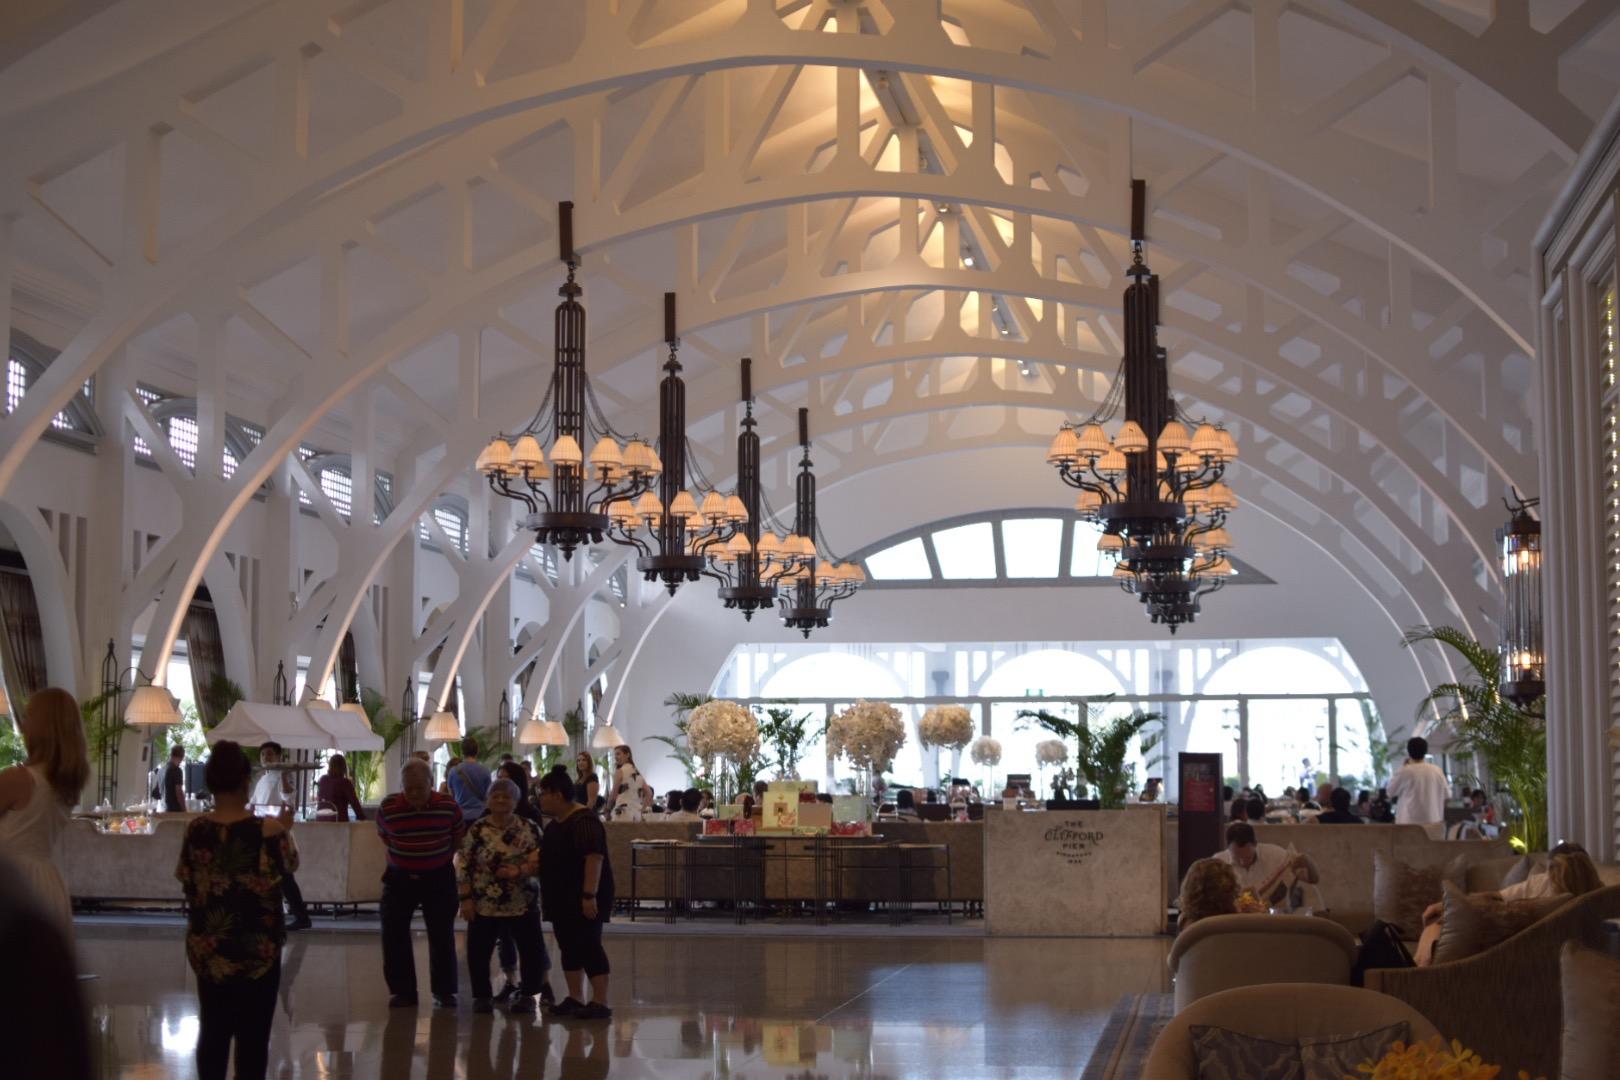 【シンガポール】マリーナベイを眺めながらアフタヌーンティーが楽しめる「フラトンベイホテル The Landing Point」_3